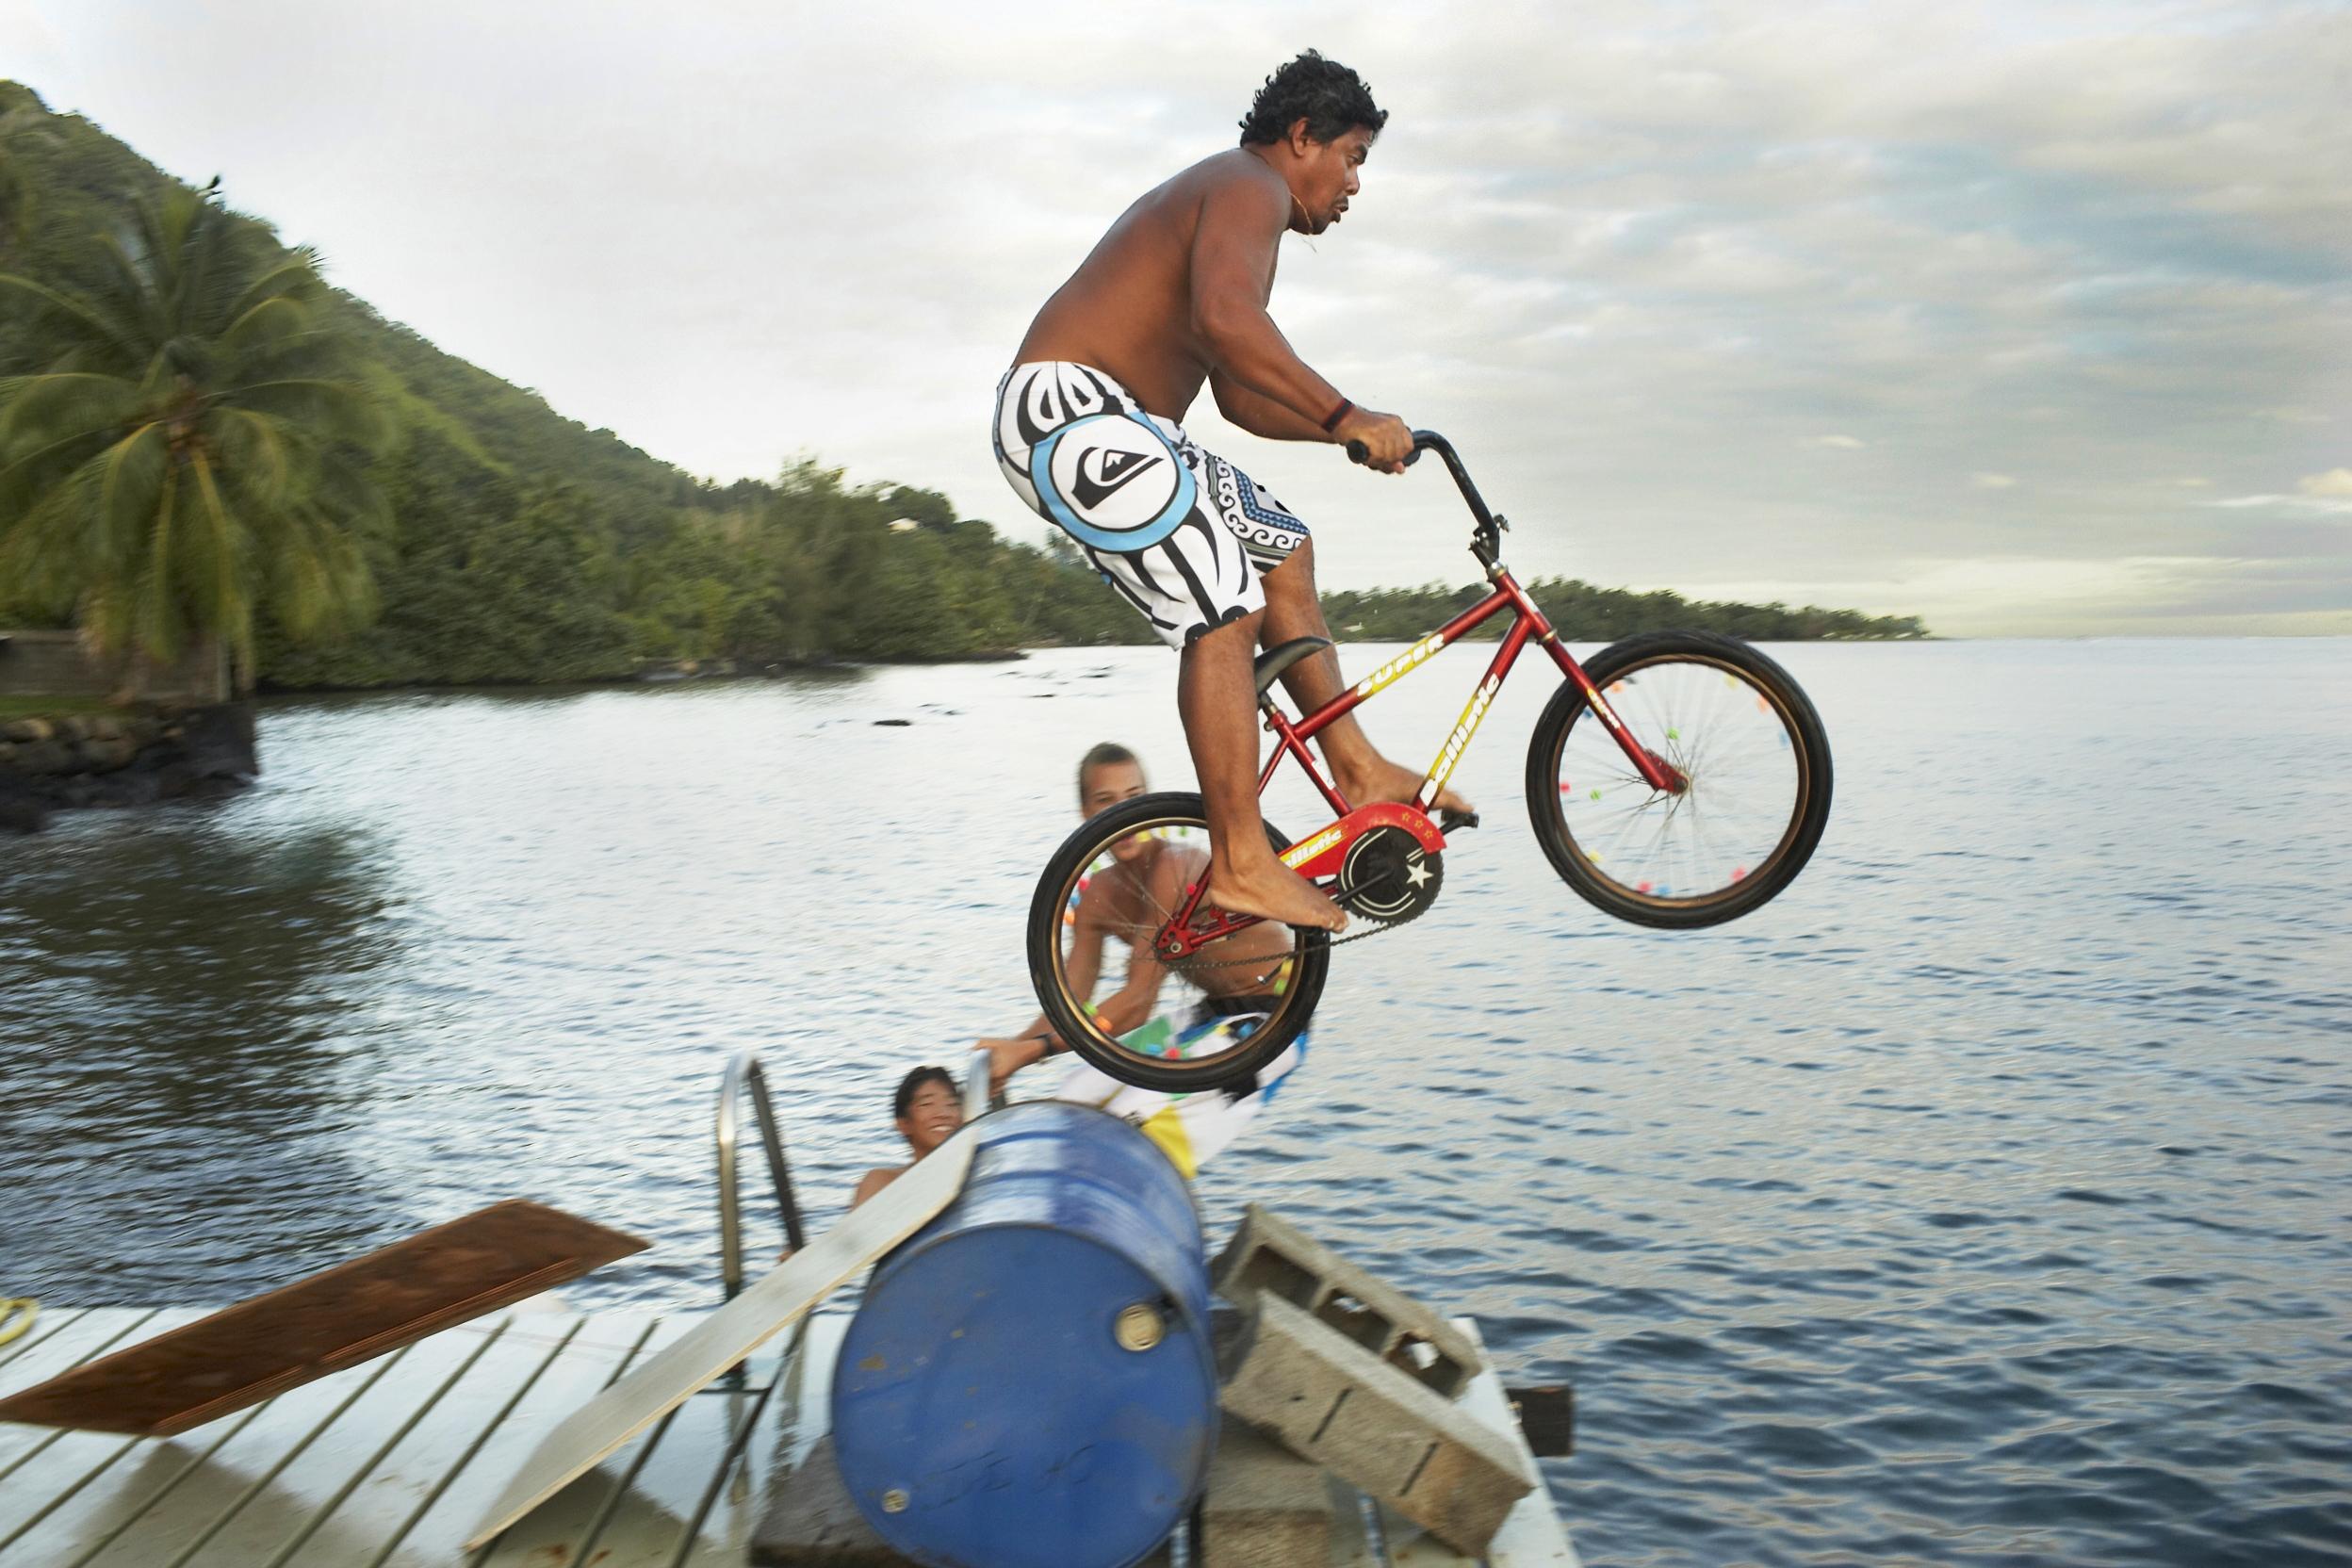 Tahiti_4-3-09_288 copy copy.jpg